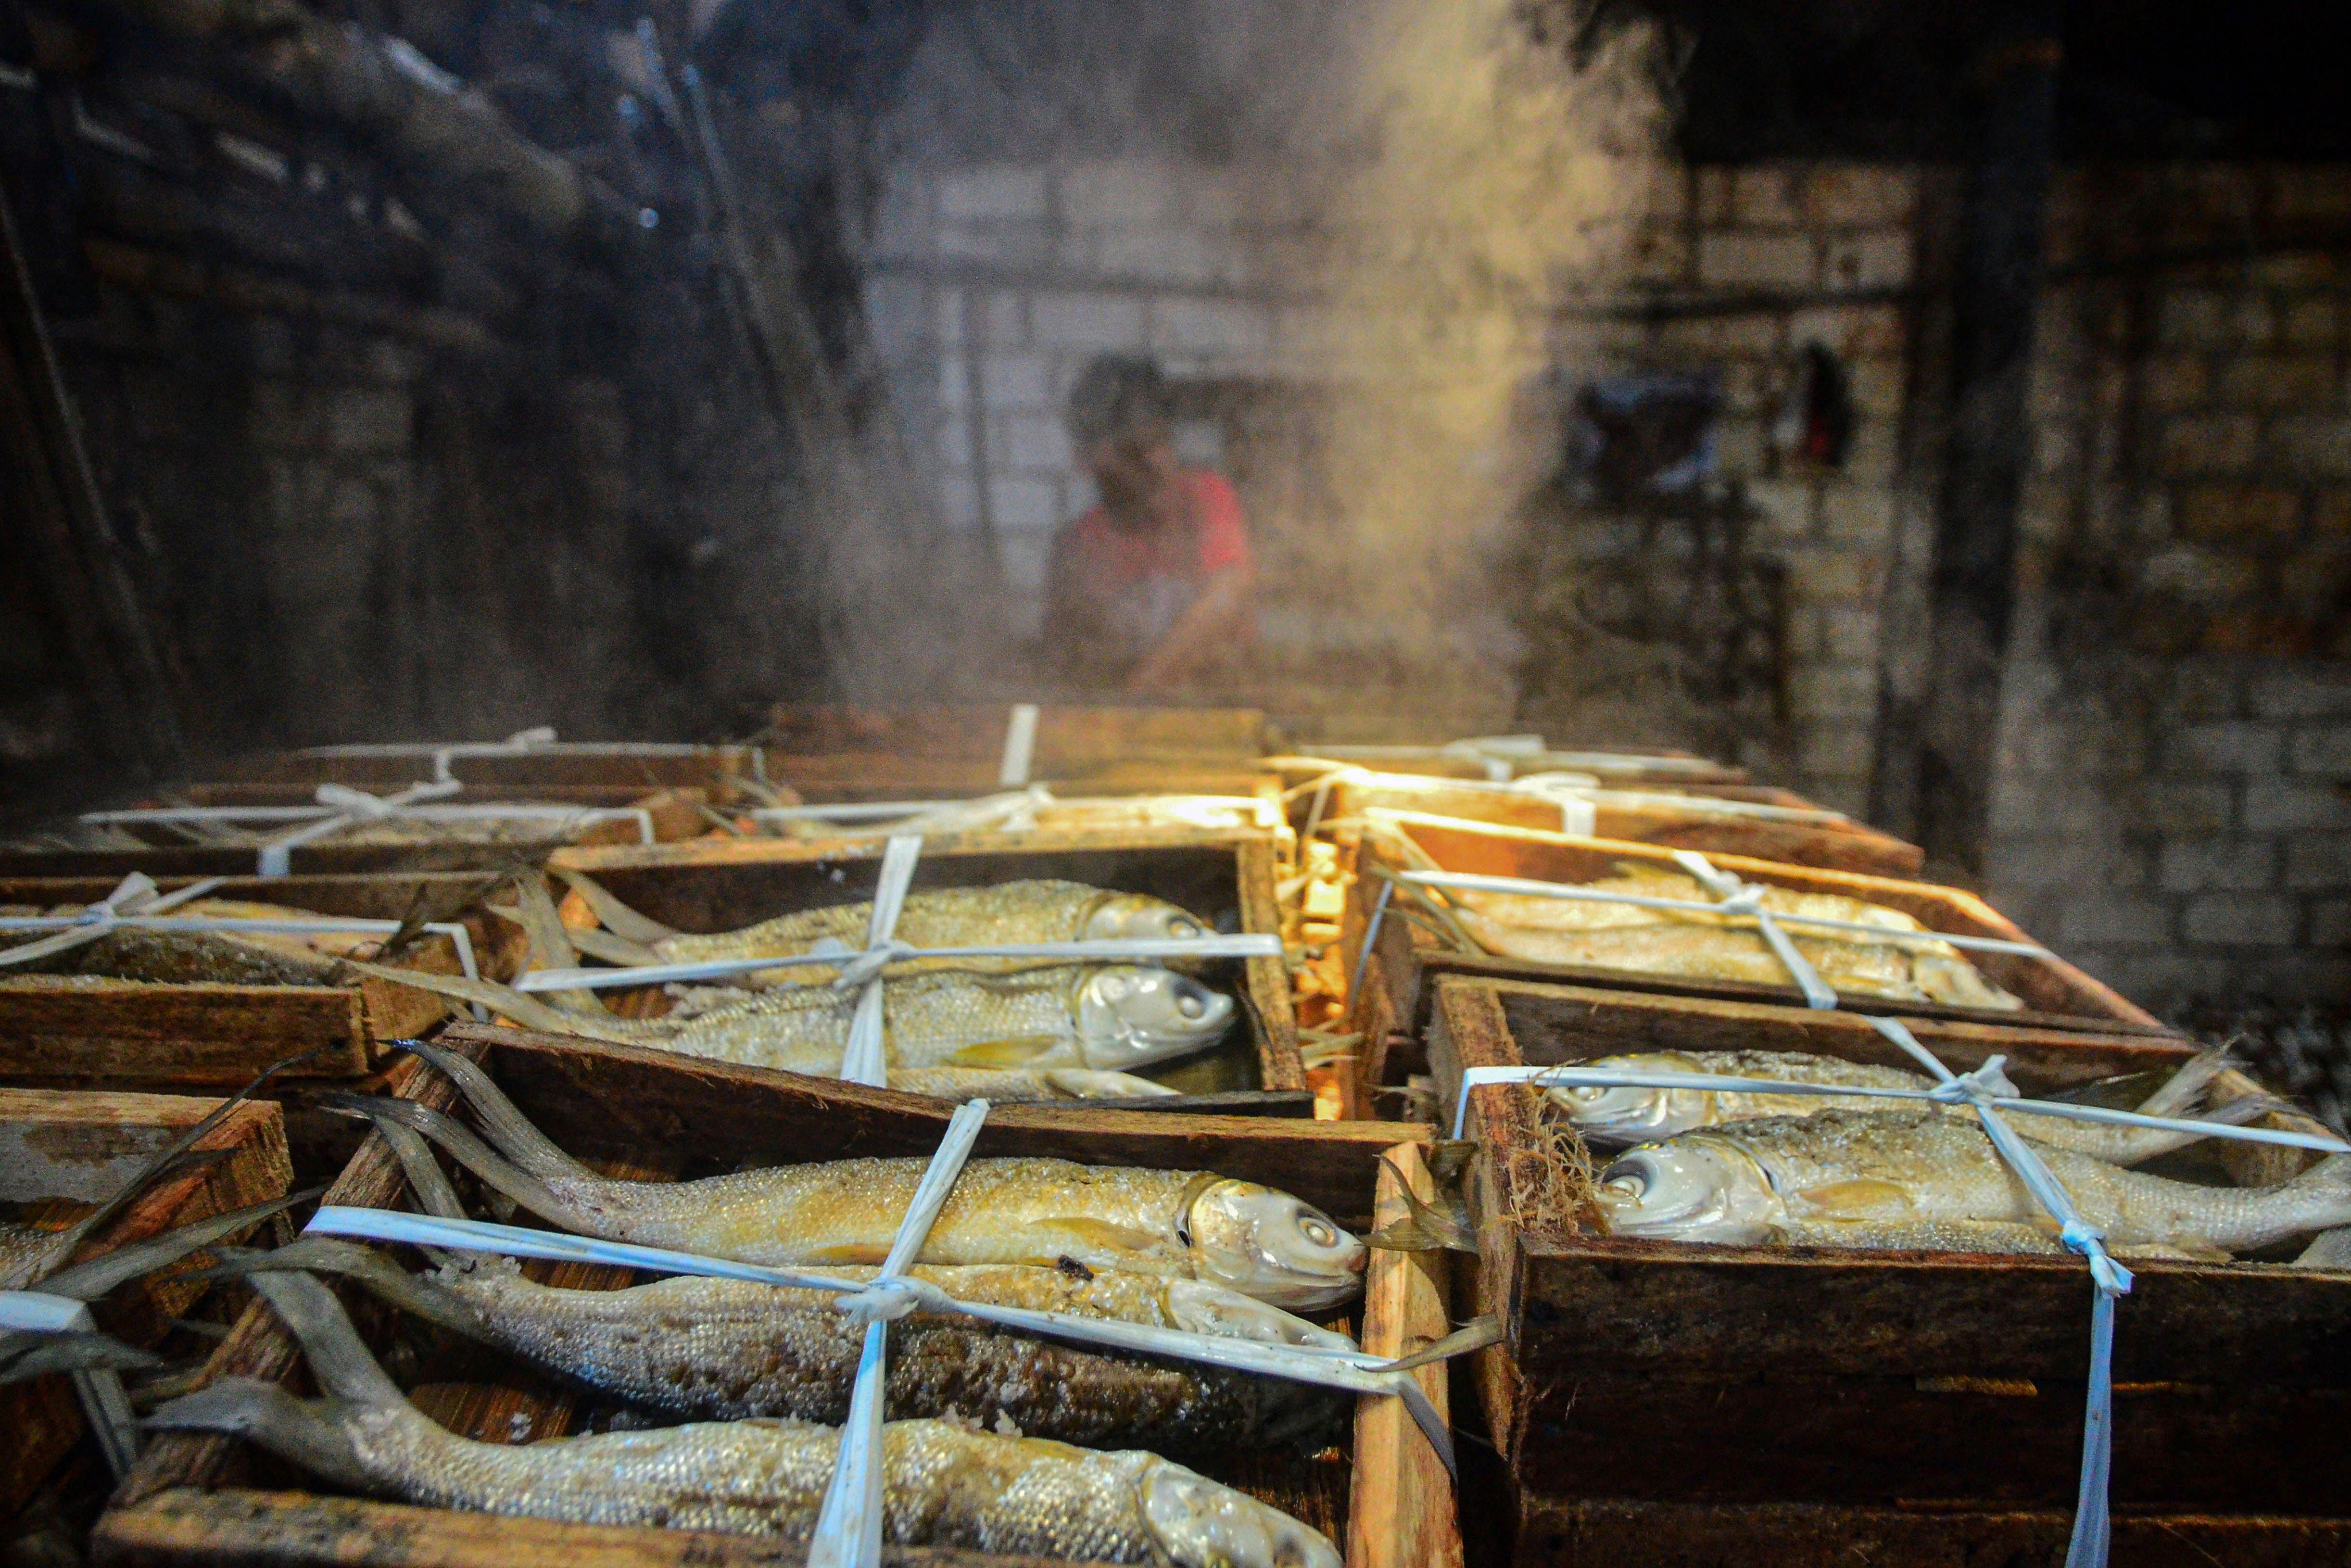 Pekerja memasukkan ikan bandeng ke dalam panci presto di Desa Dukutalit, Juwana, Pati, Jawa Tengah.